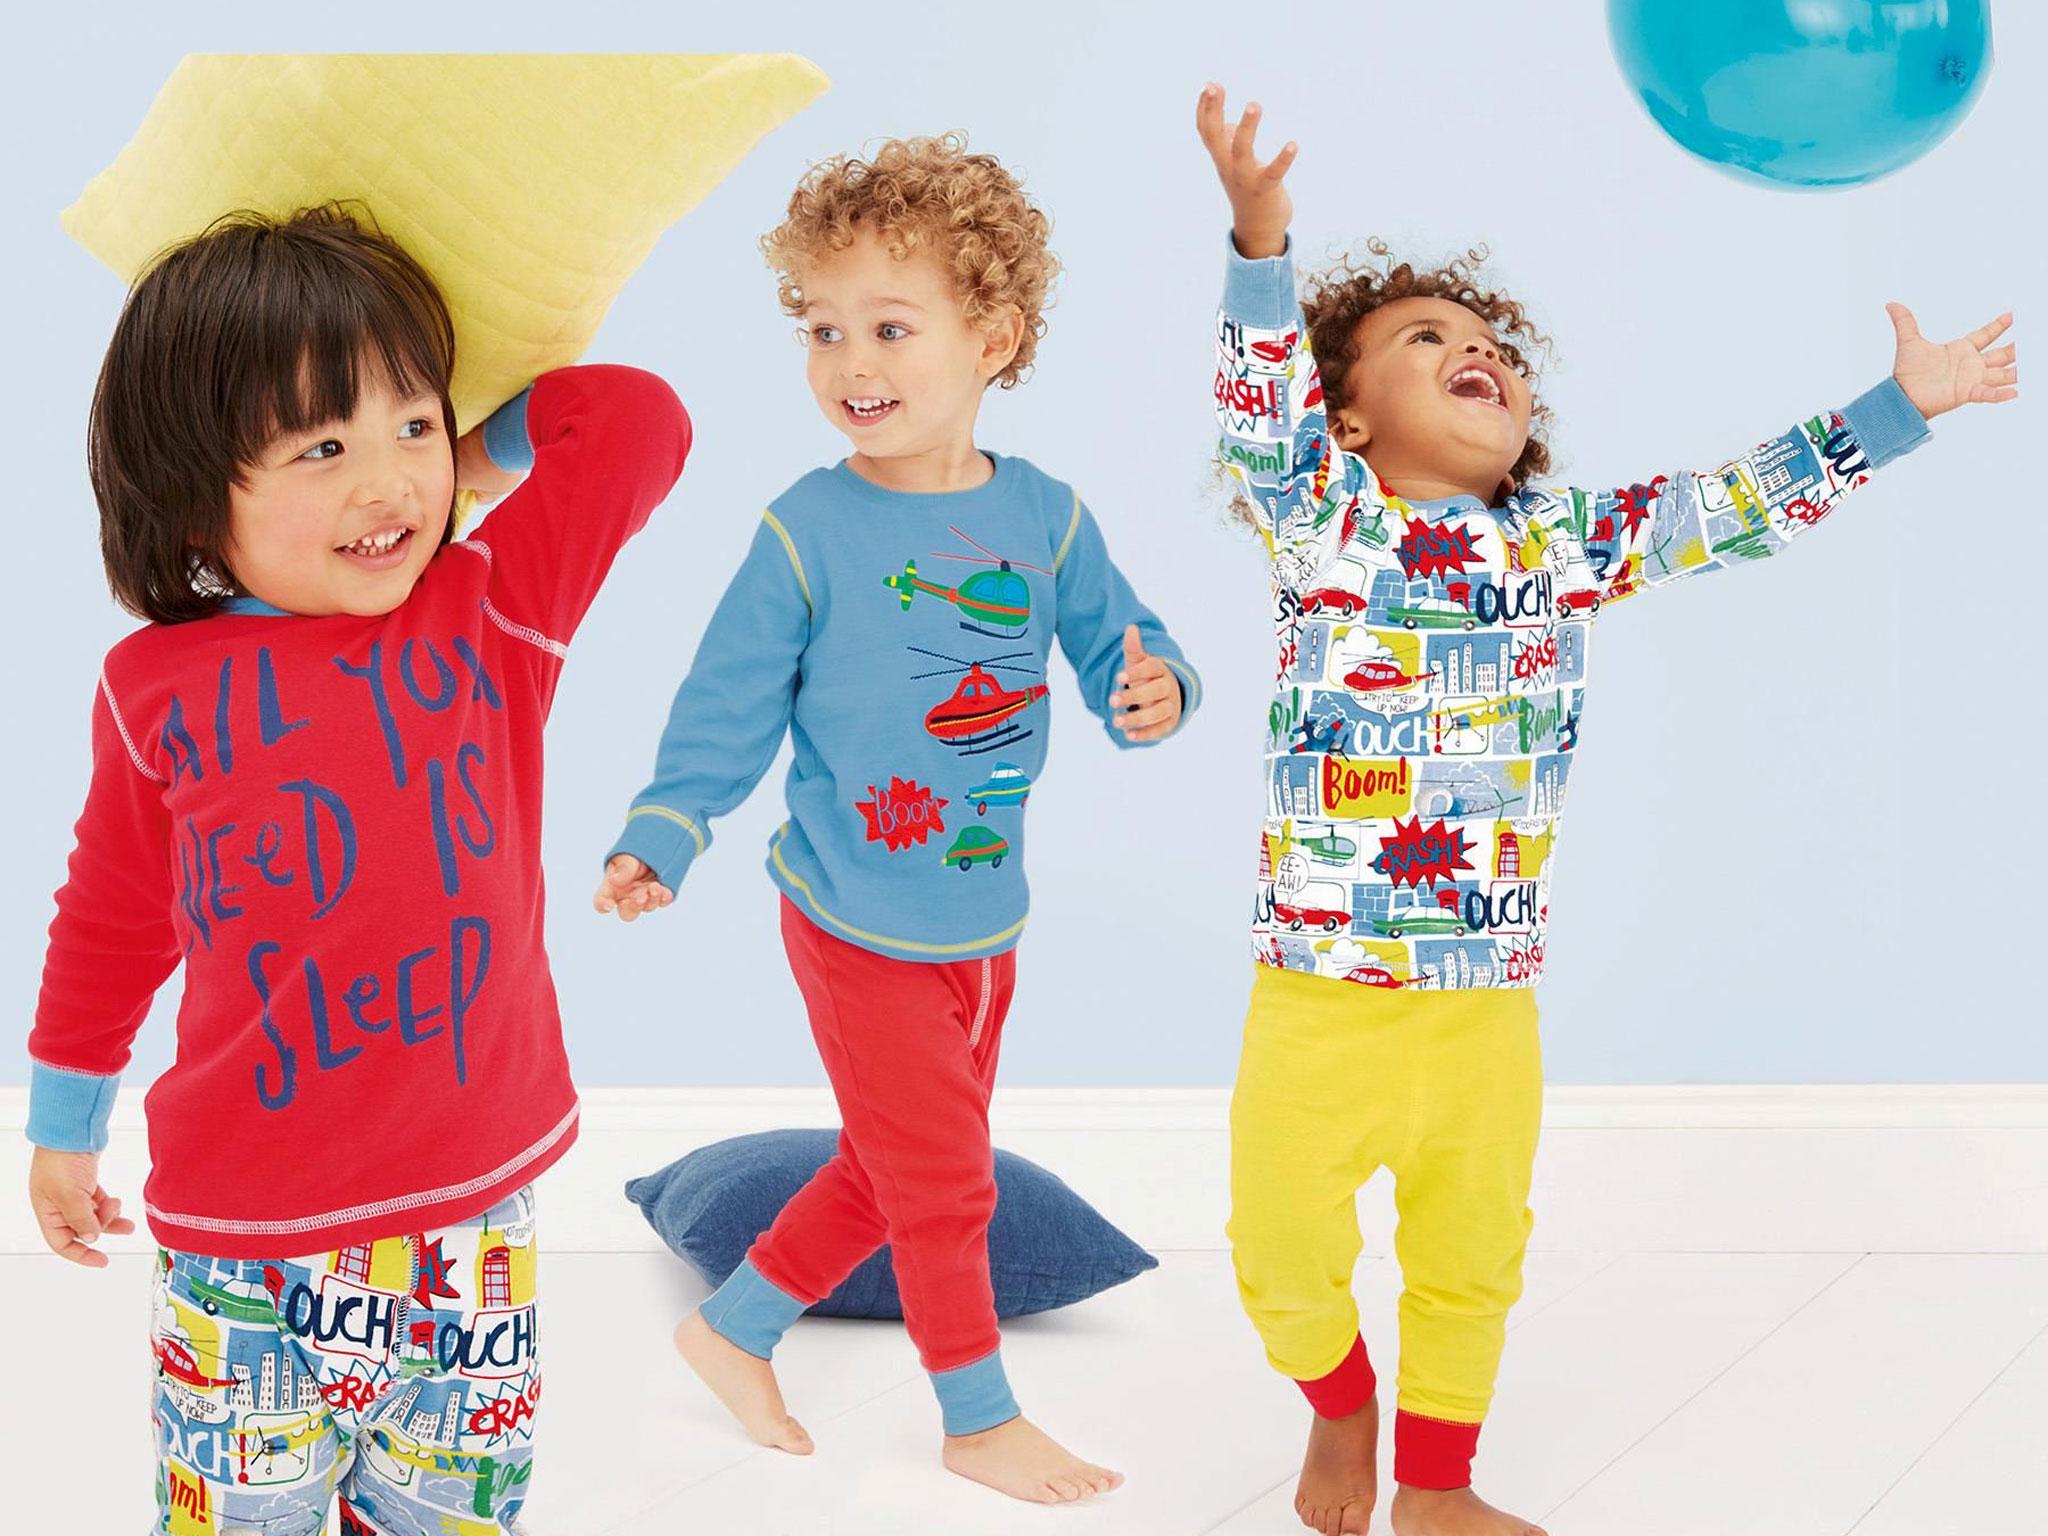 Ünlü Marka John Lewis, Çocuk Kıyafetlerinden Cinsiyet Etiketlerini Kaldırdı!